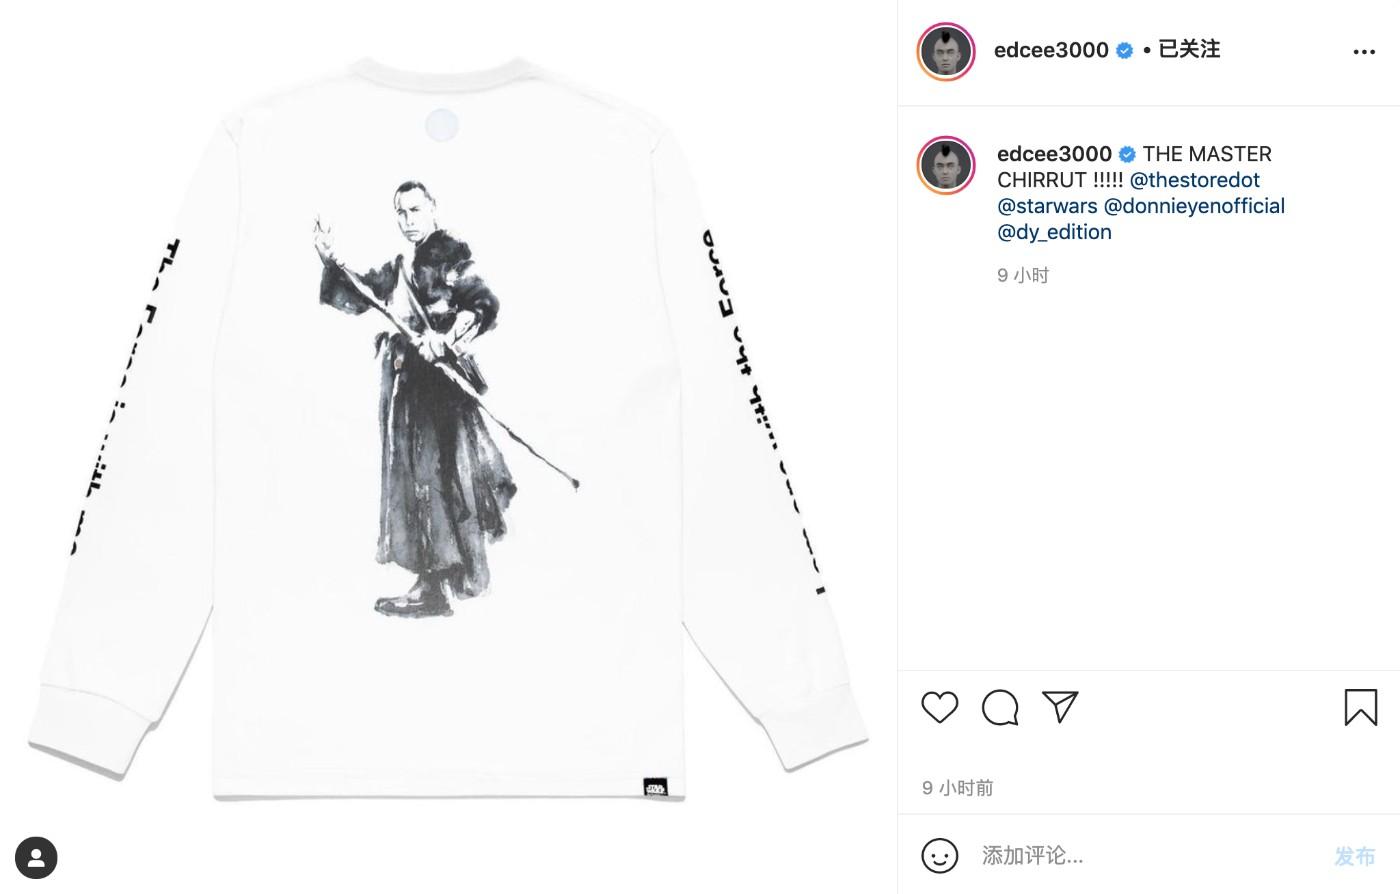 明星,发售  冠希力挺!甄子丹 x 星战联名刚刚发售!有点帅!